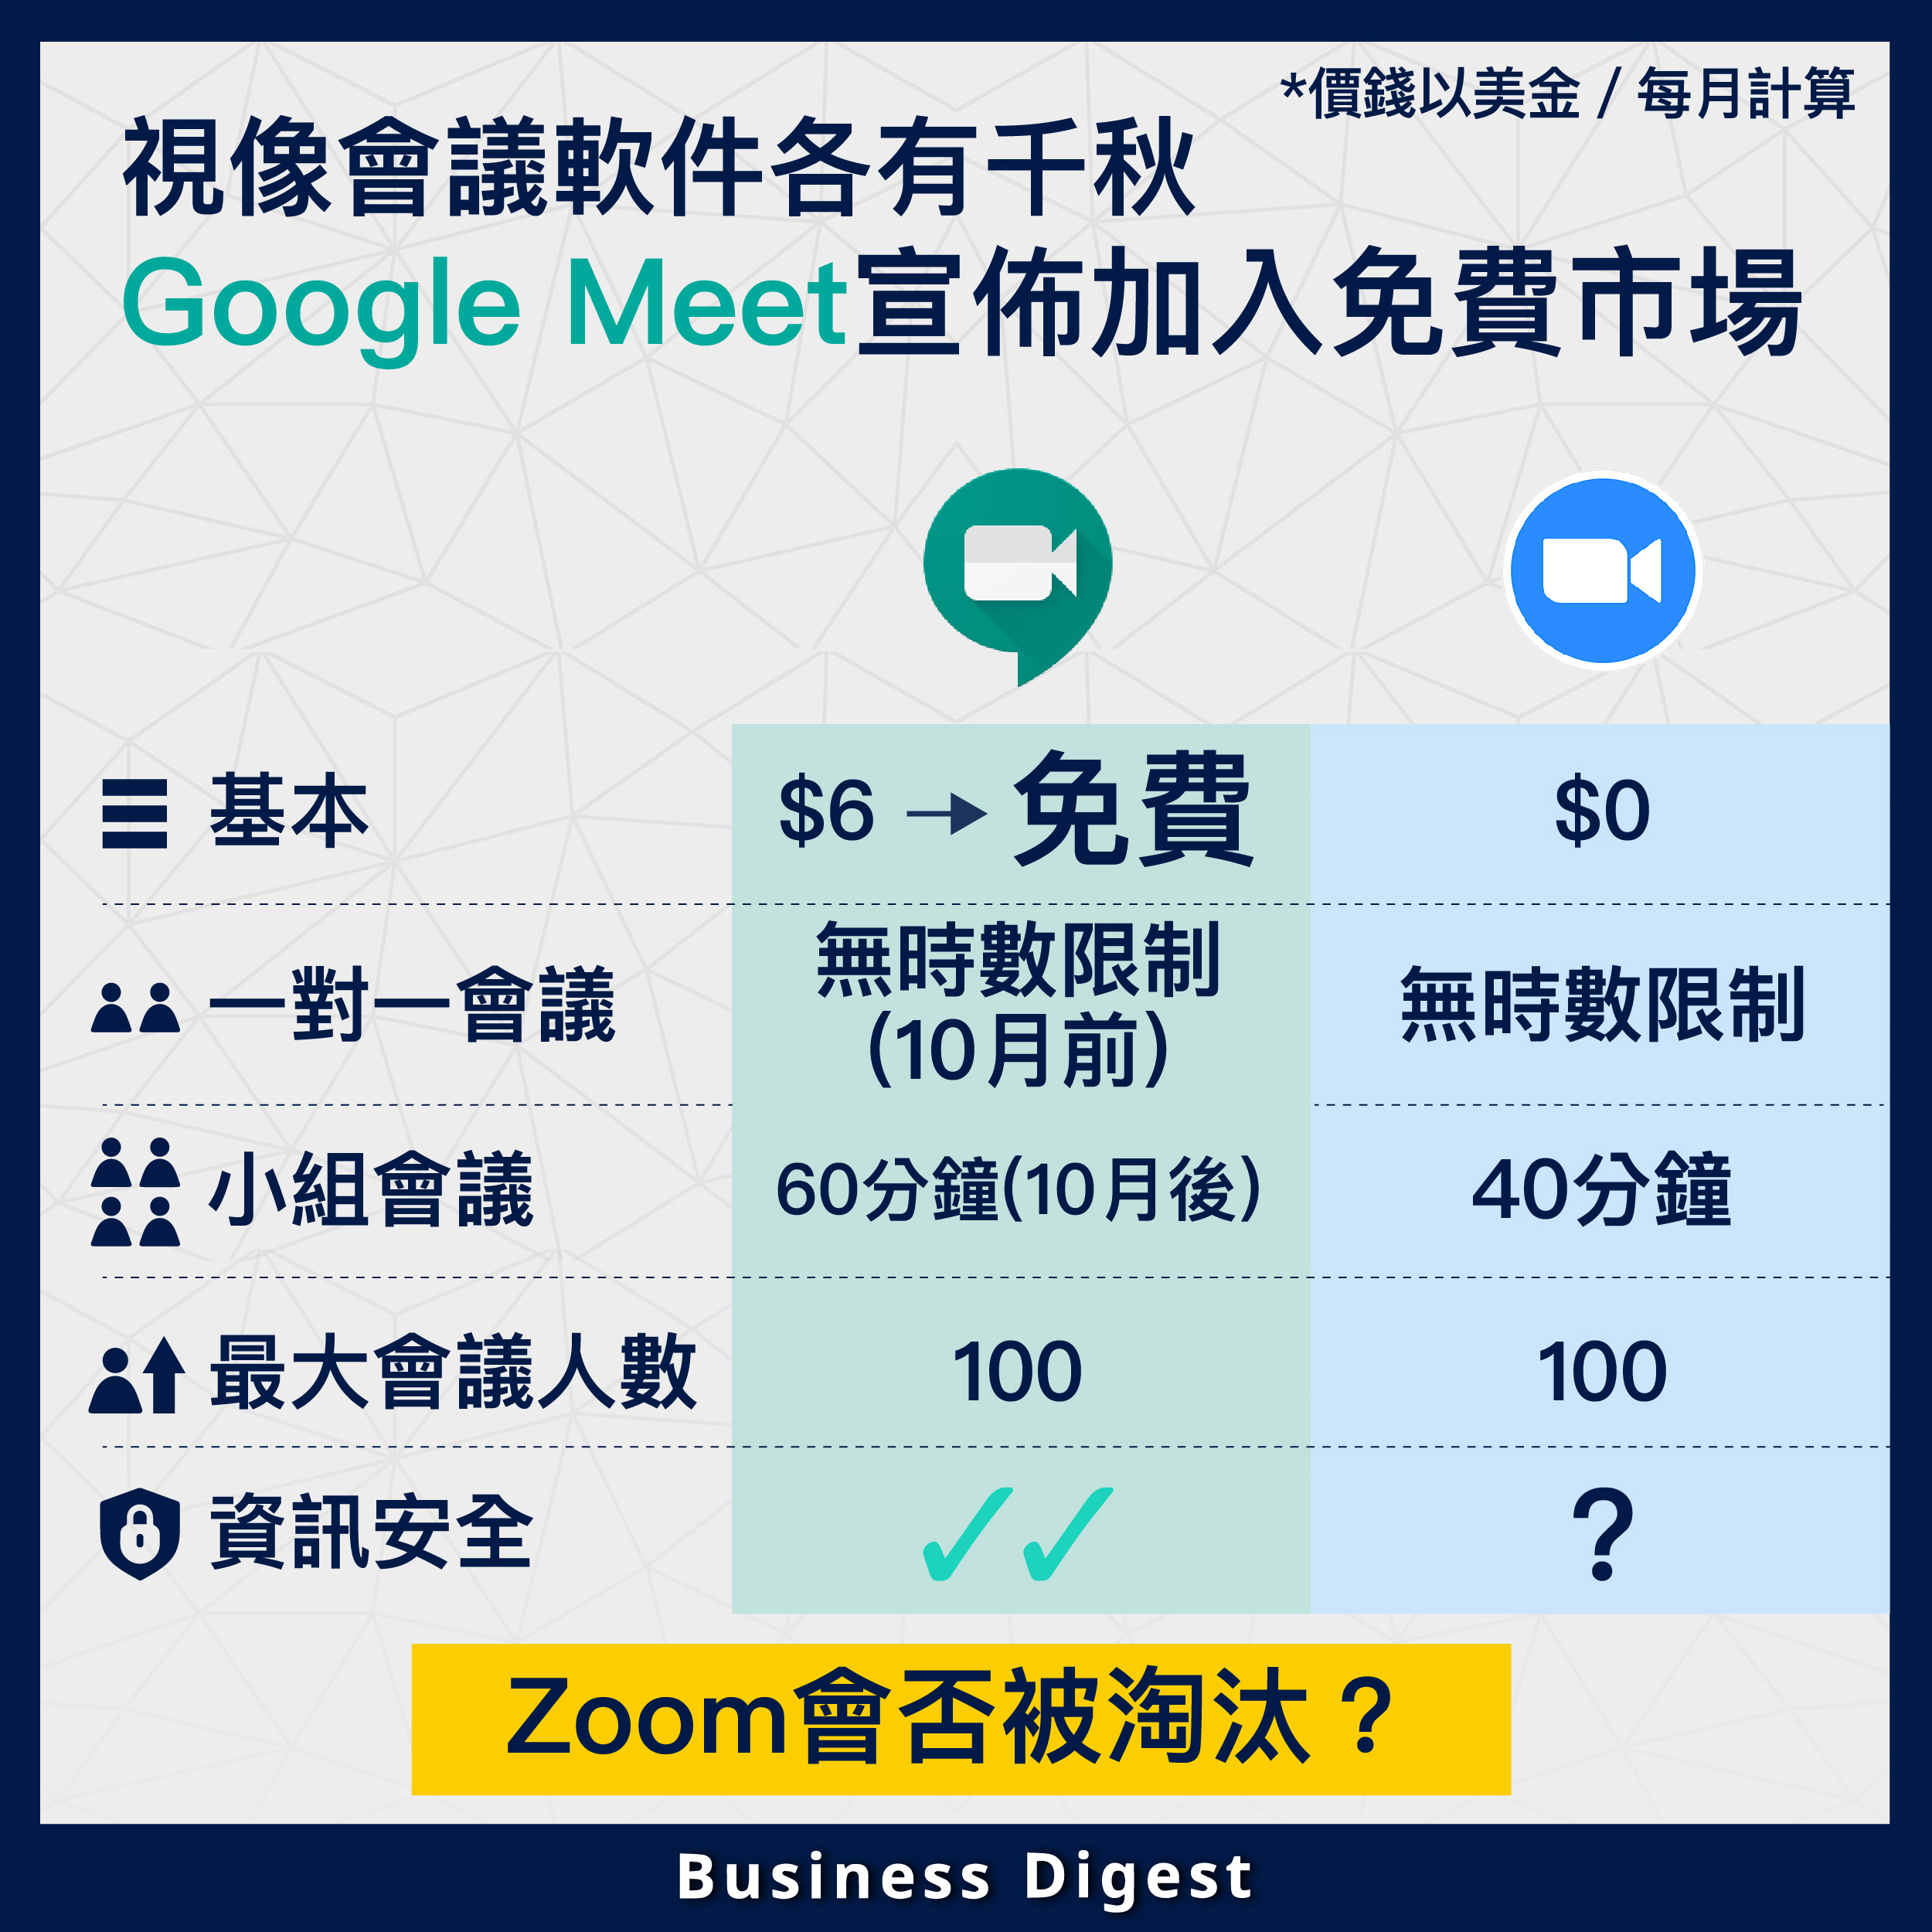 【圖解商業】免費版Google Meet即將推出,Zoom會否被淘汰?